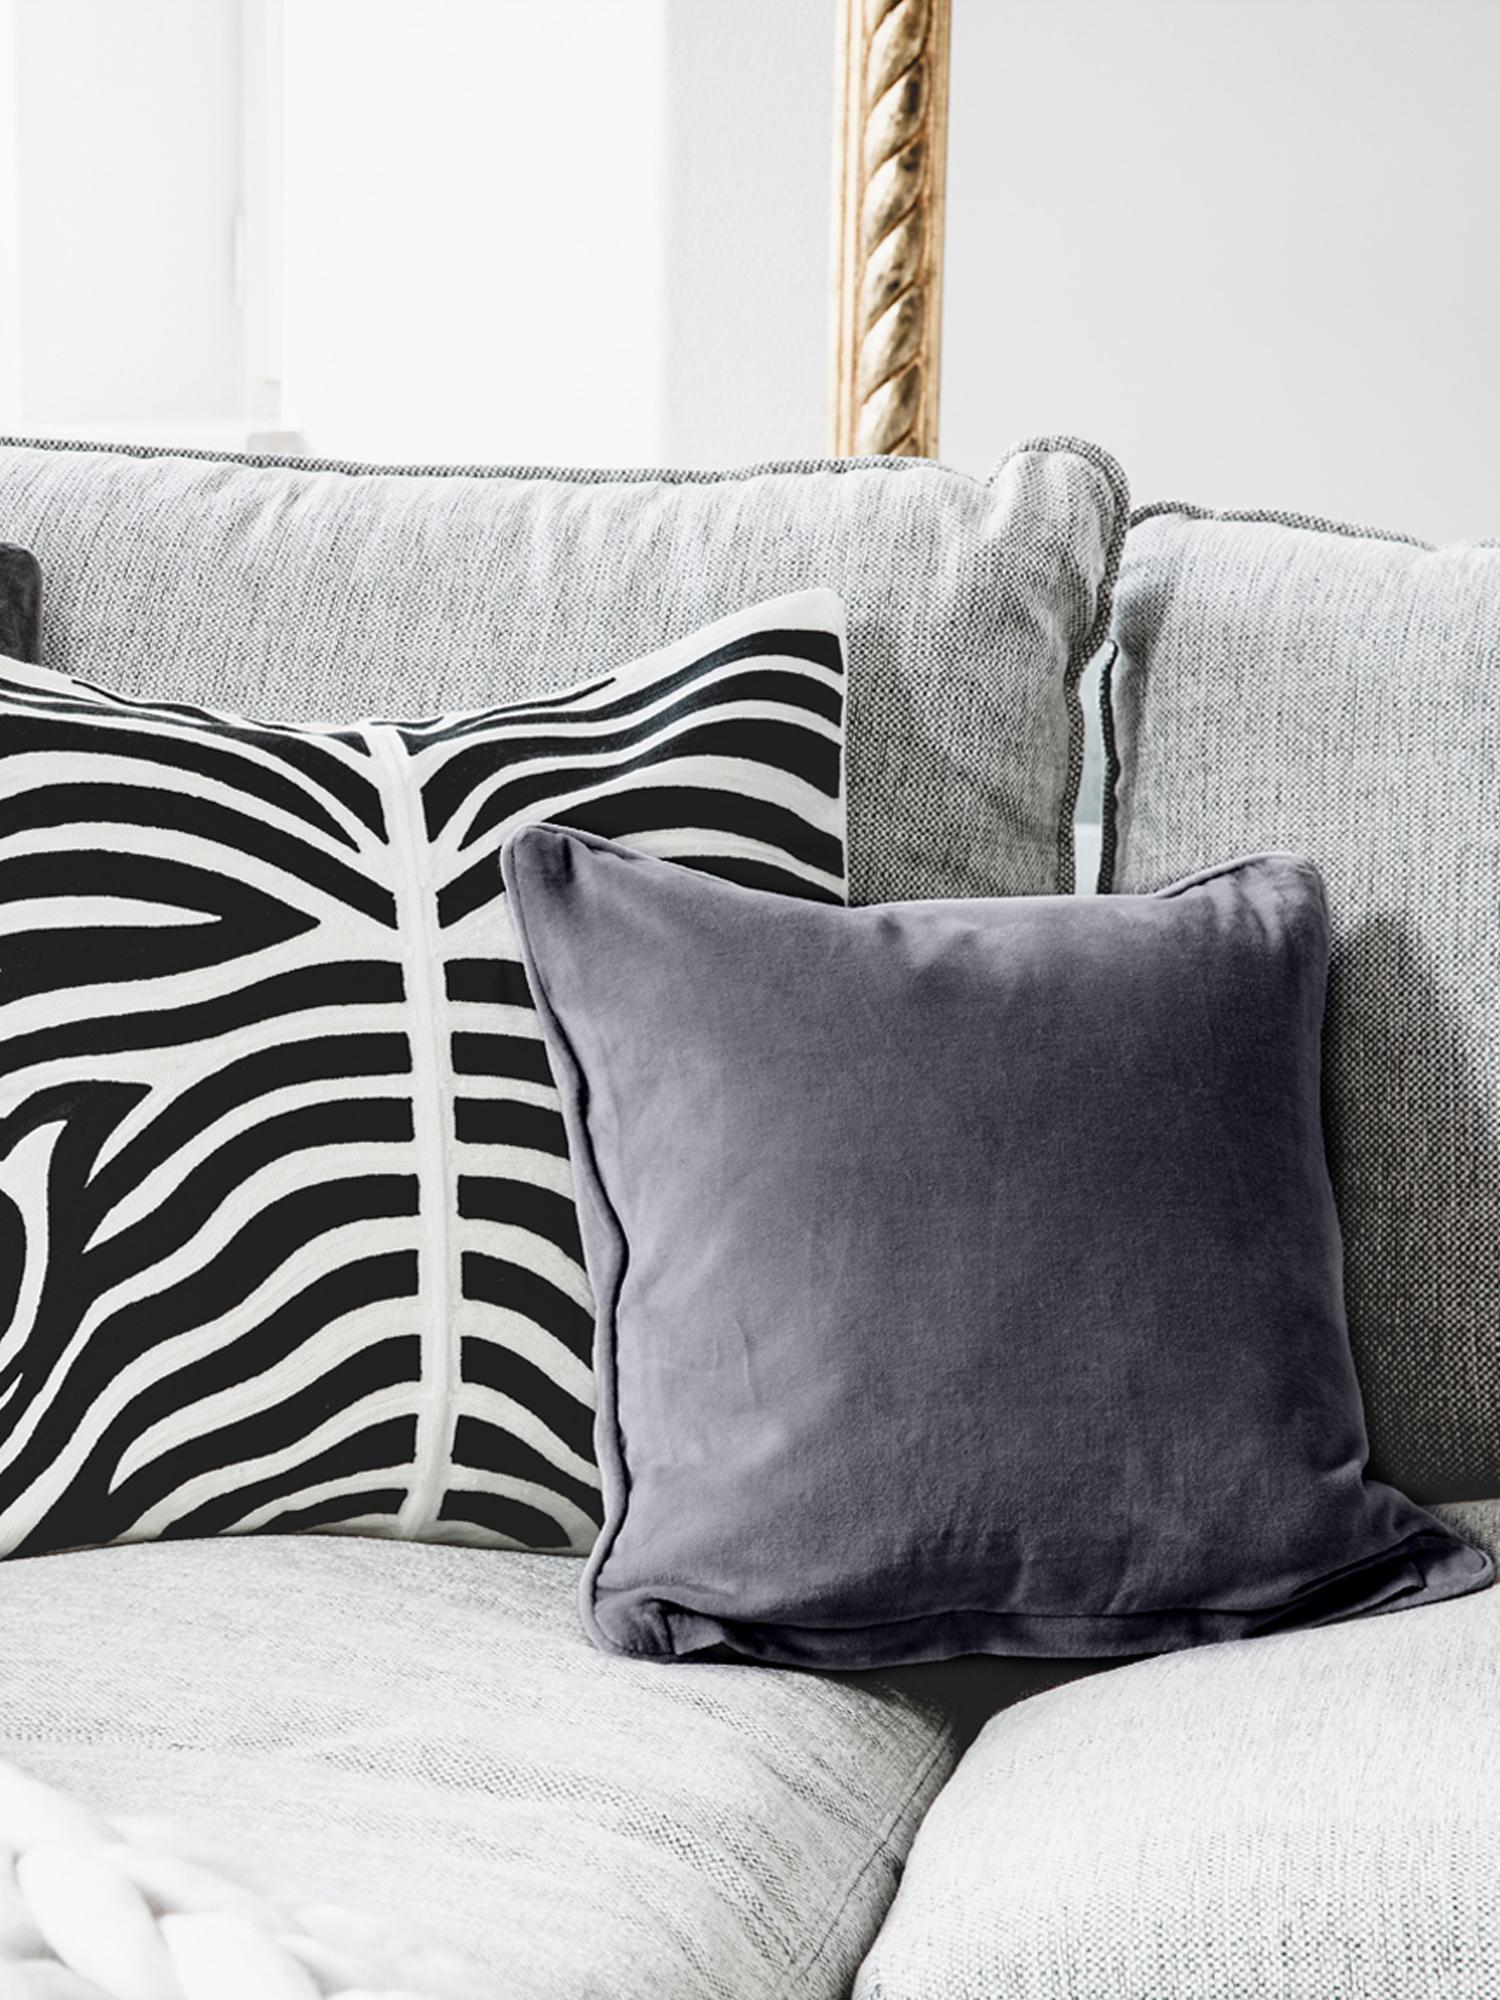 Federa arredo in velluto grigio scuro Dana, Velluto di cotone, Grigio scuro, Larg. 40 x Lung. 40 cm